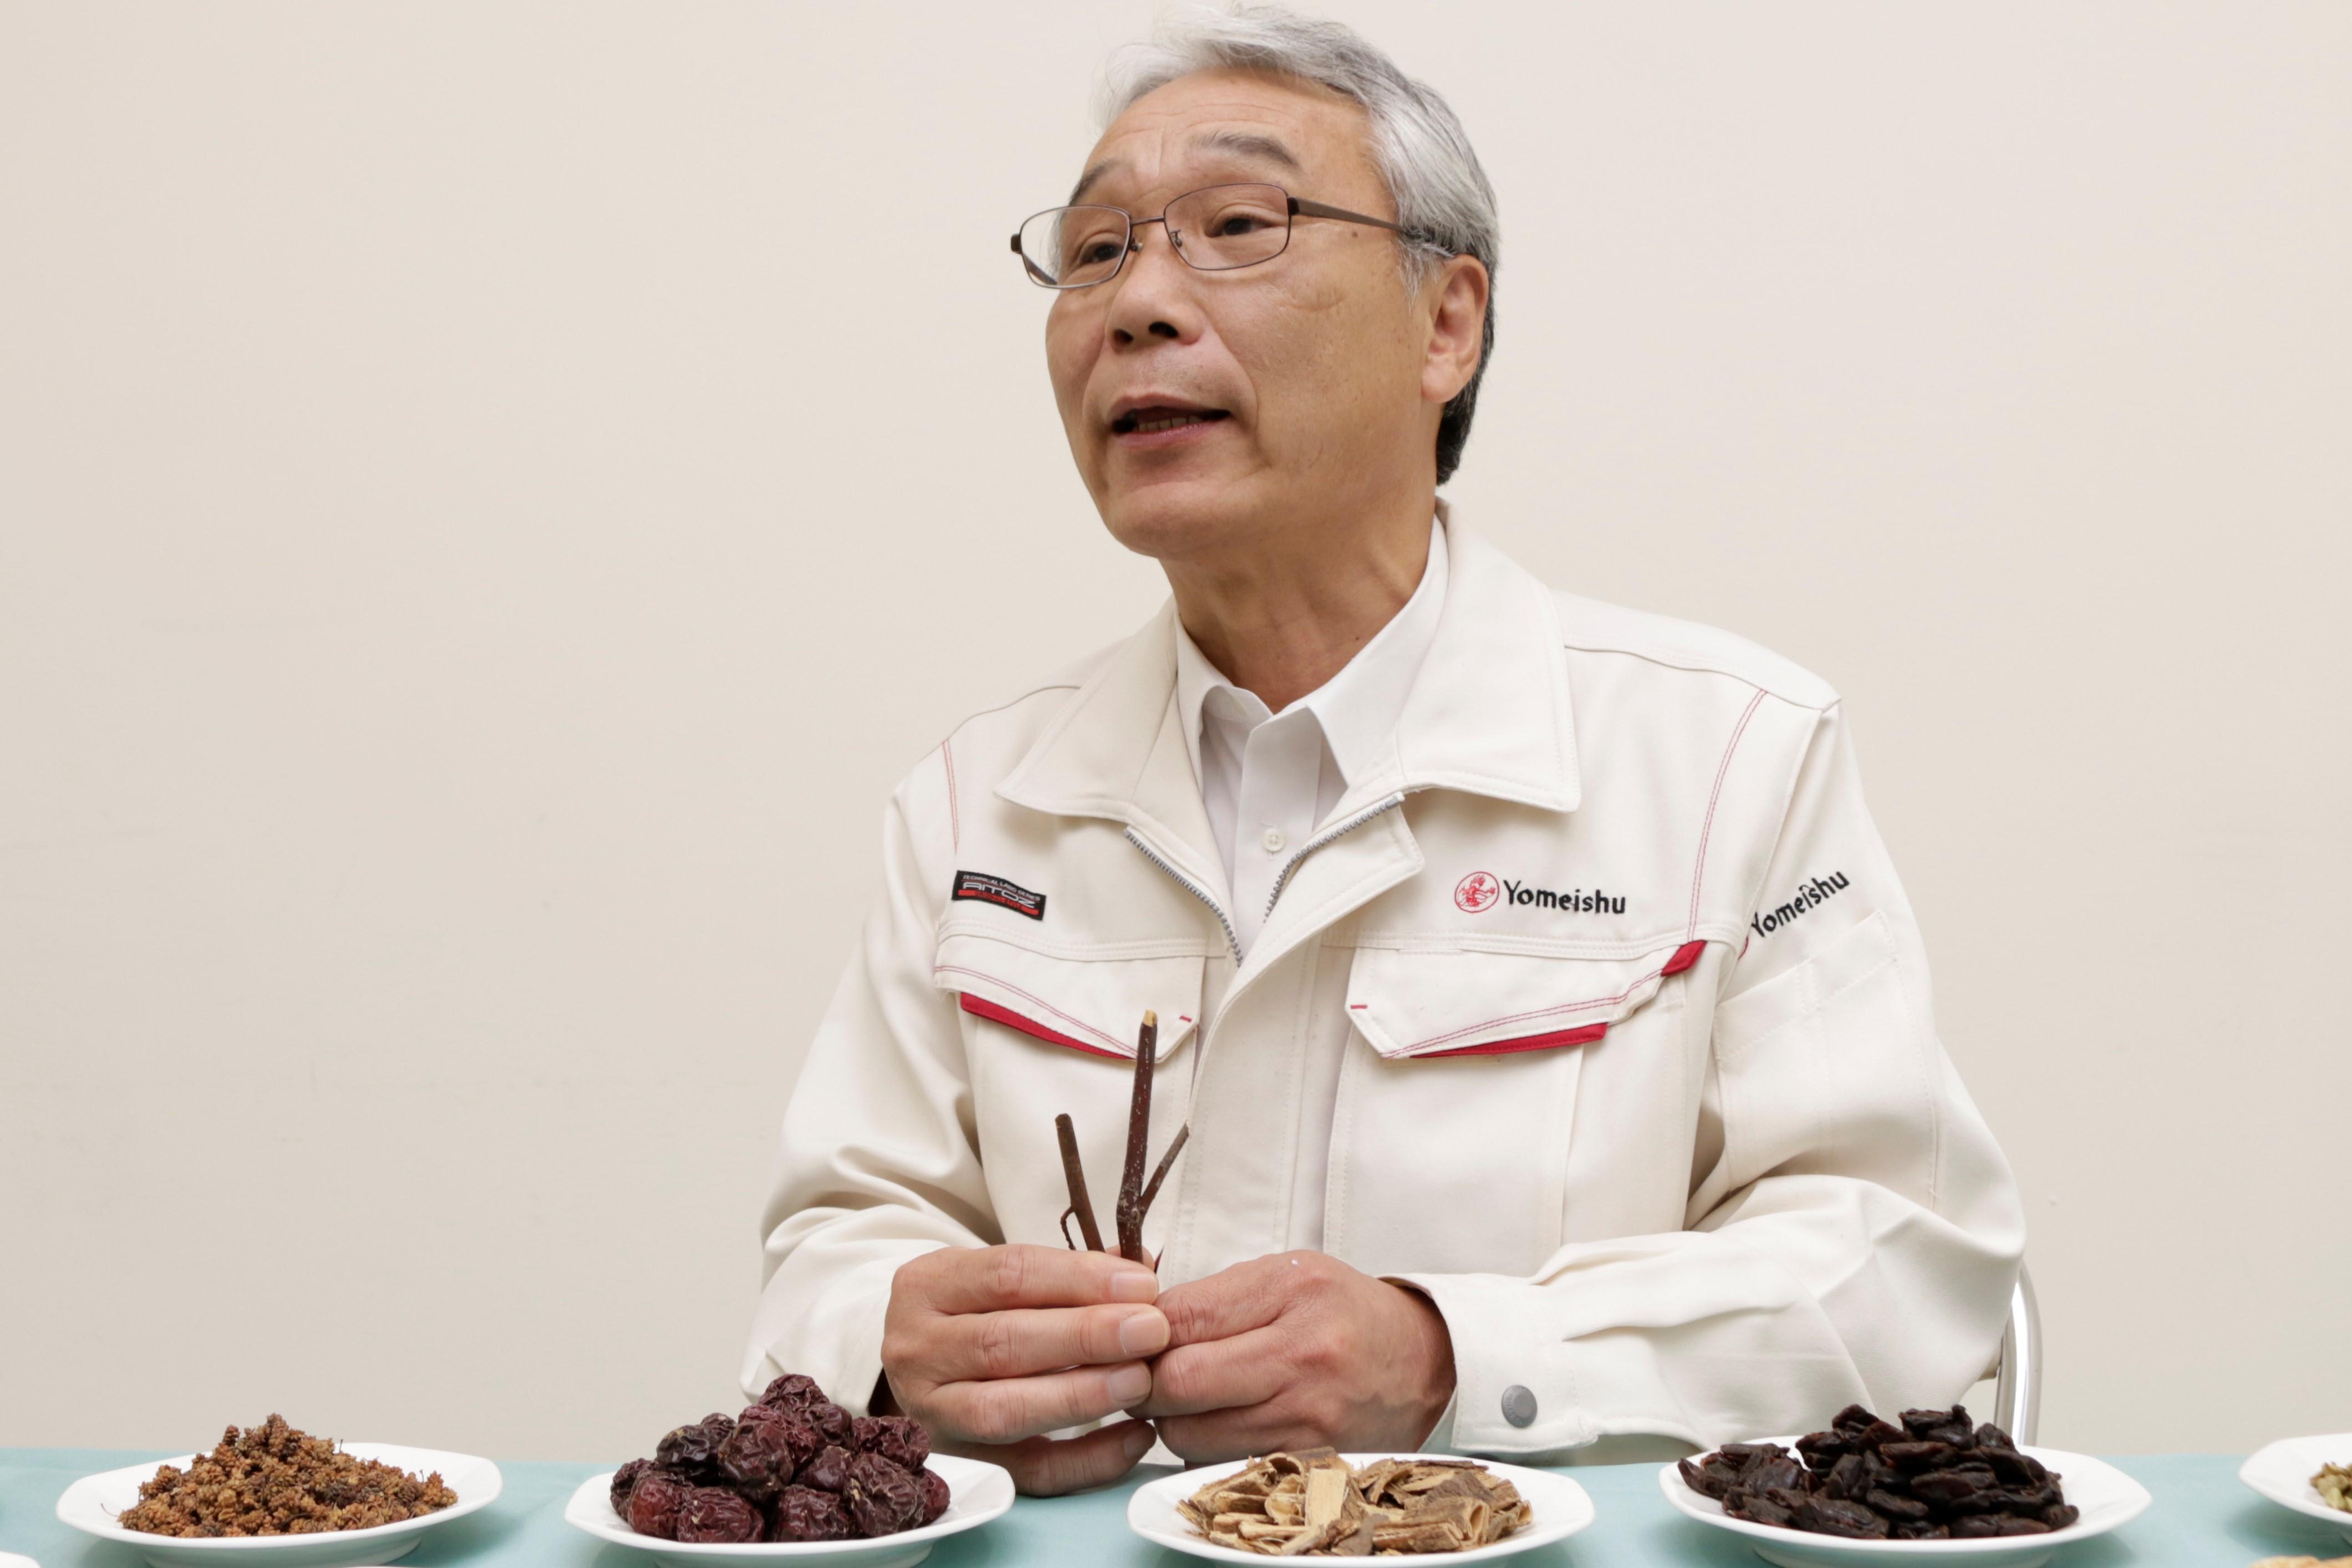 なかでも、日本固有種の香木の代表格であり、爽快感のある香りが特徴のクロモジをブレンドしたことは、「長年の研究のたまもの」と、大森氏は胸を張ります。